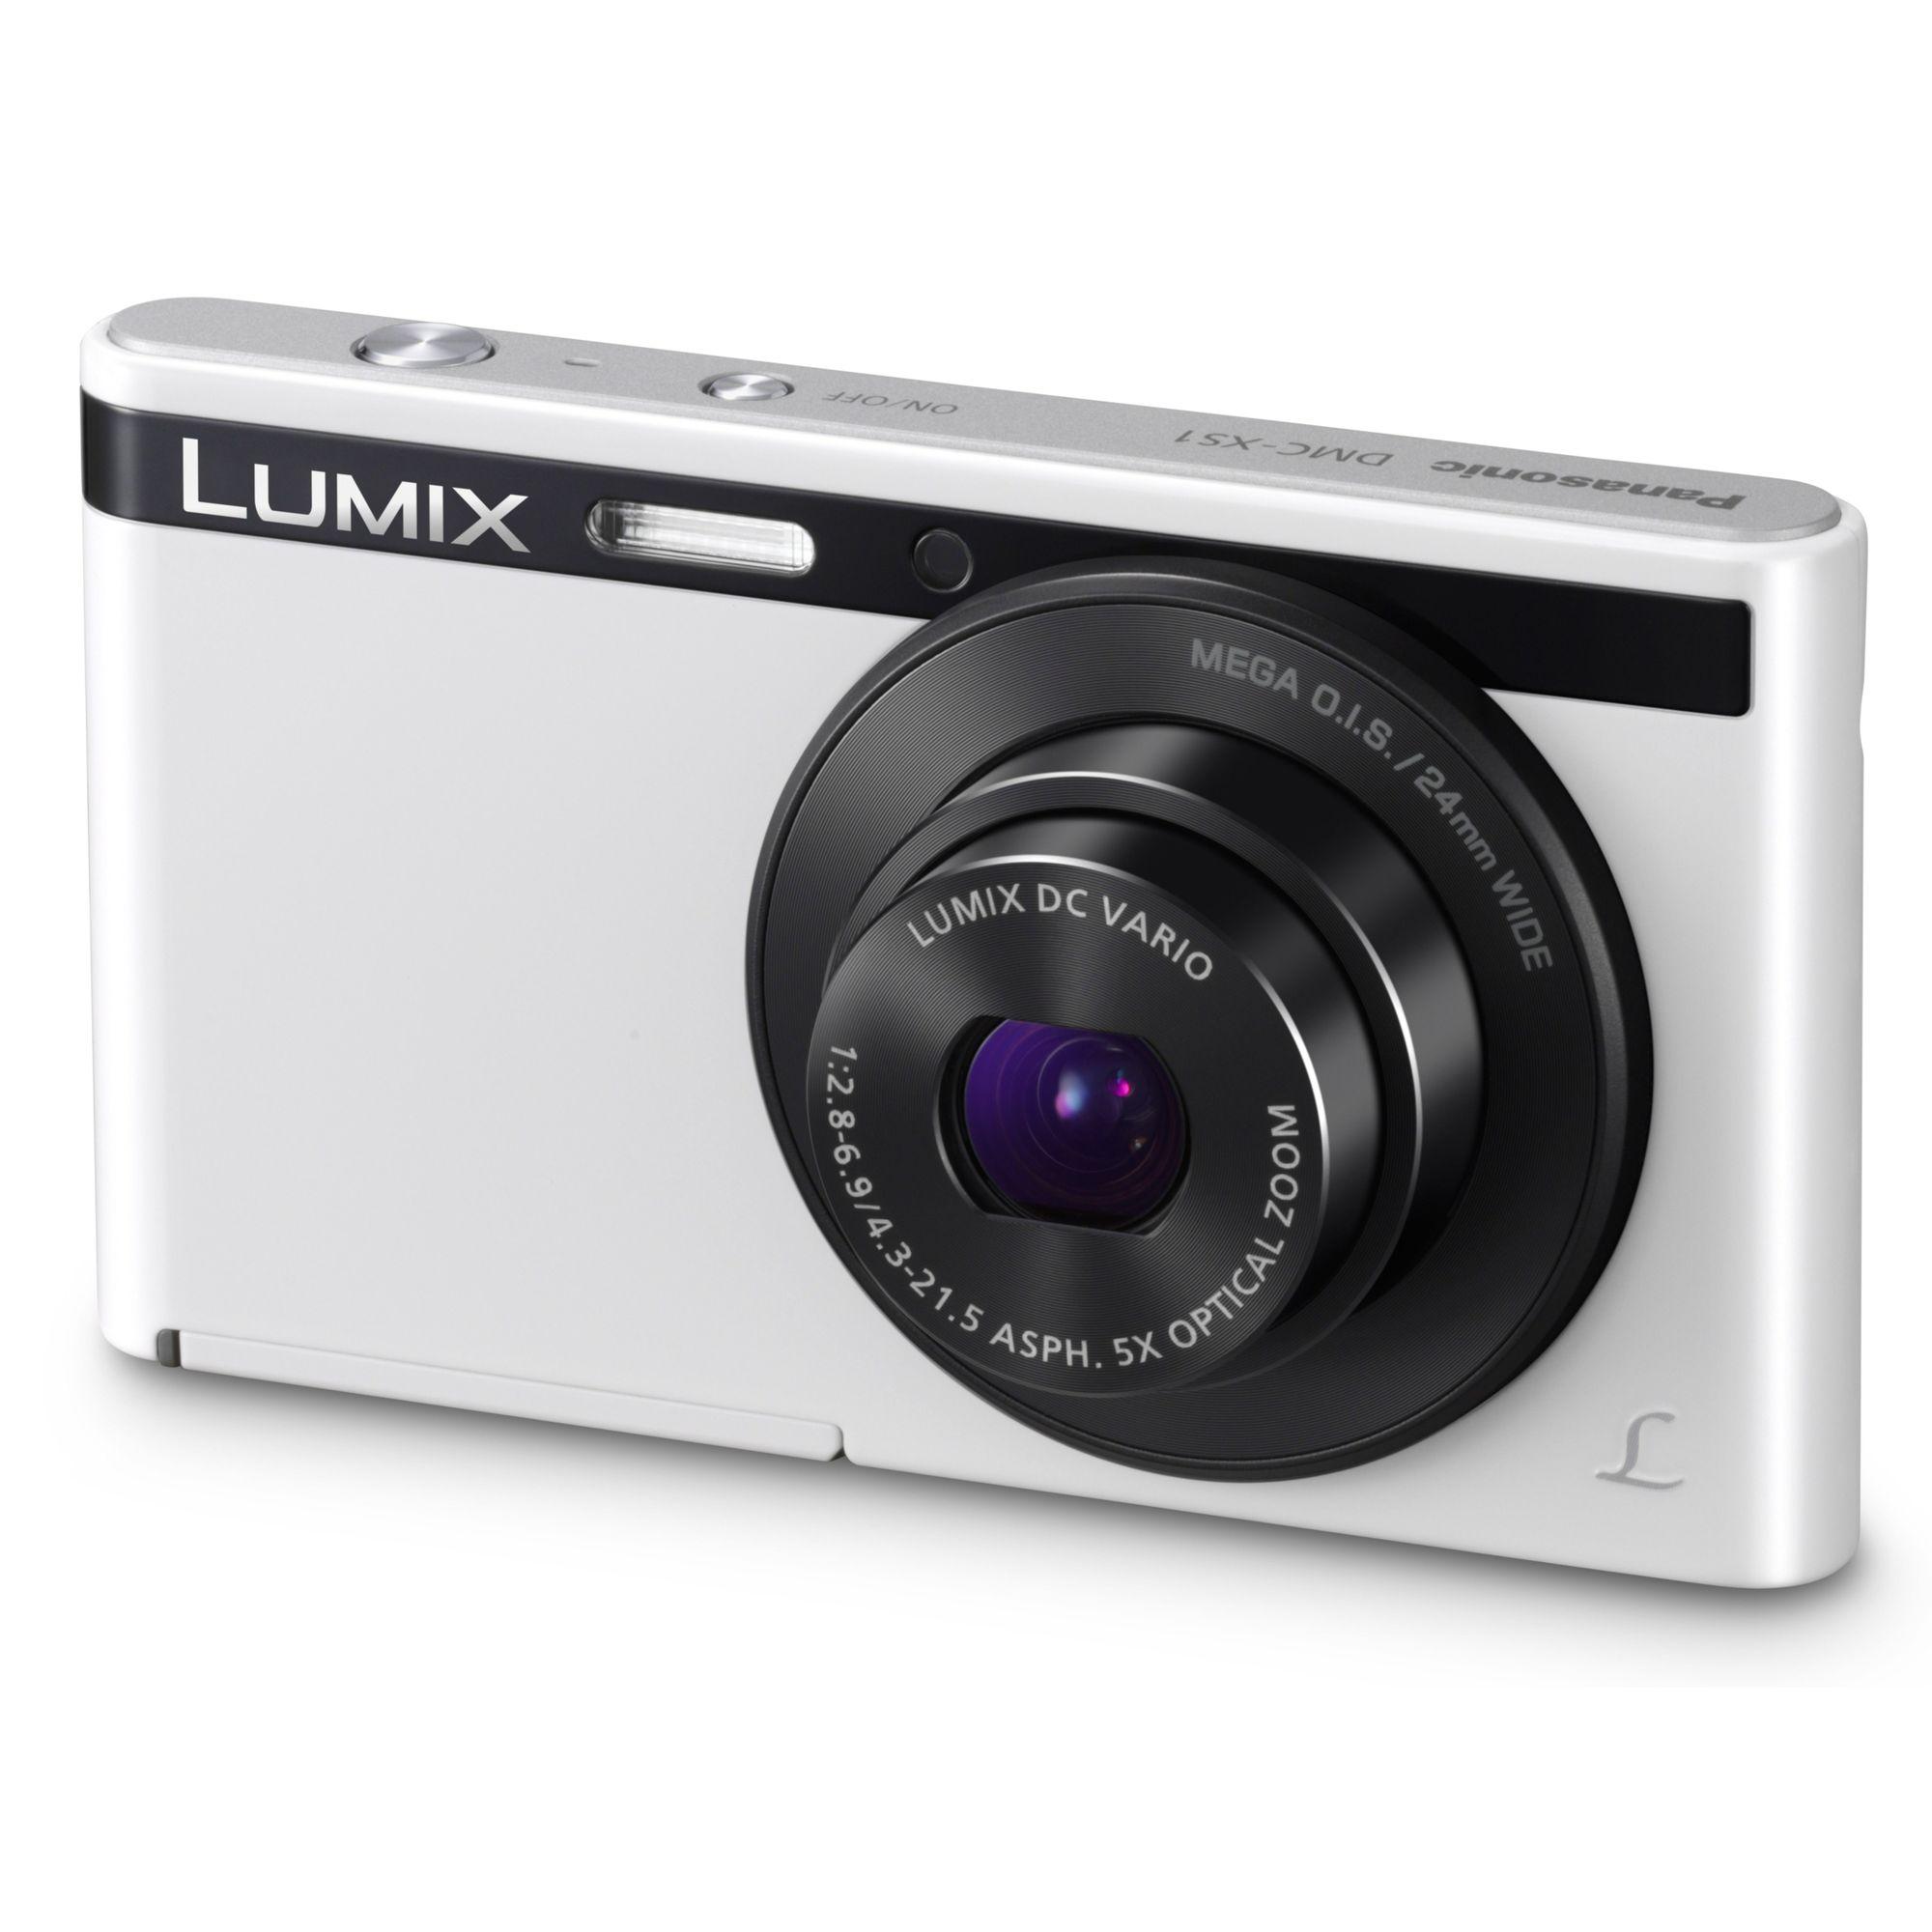 Panasonic Lumix XS1 Digital Camera (White)